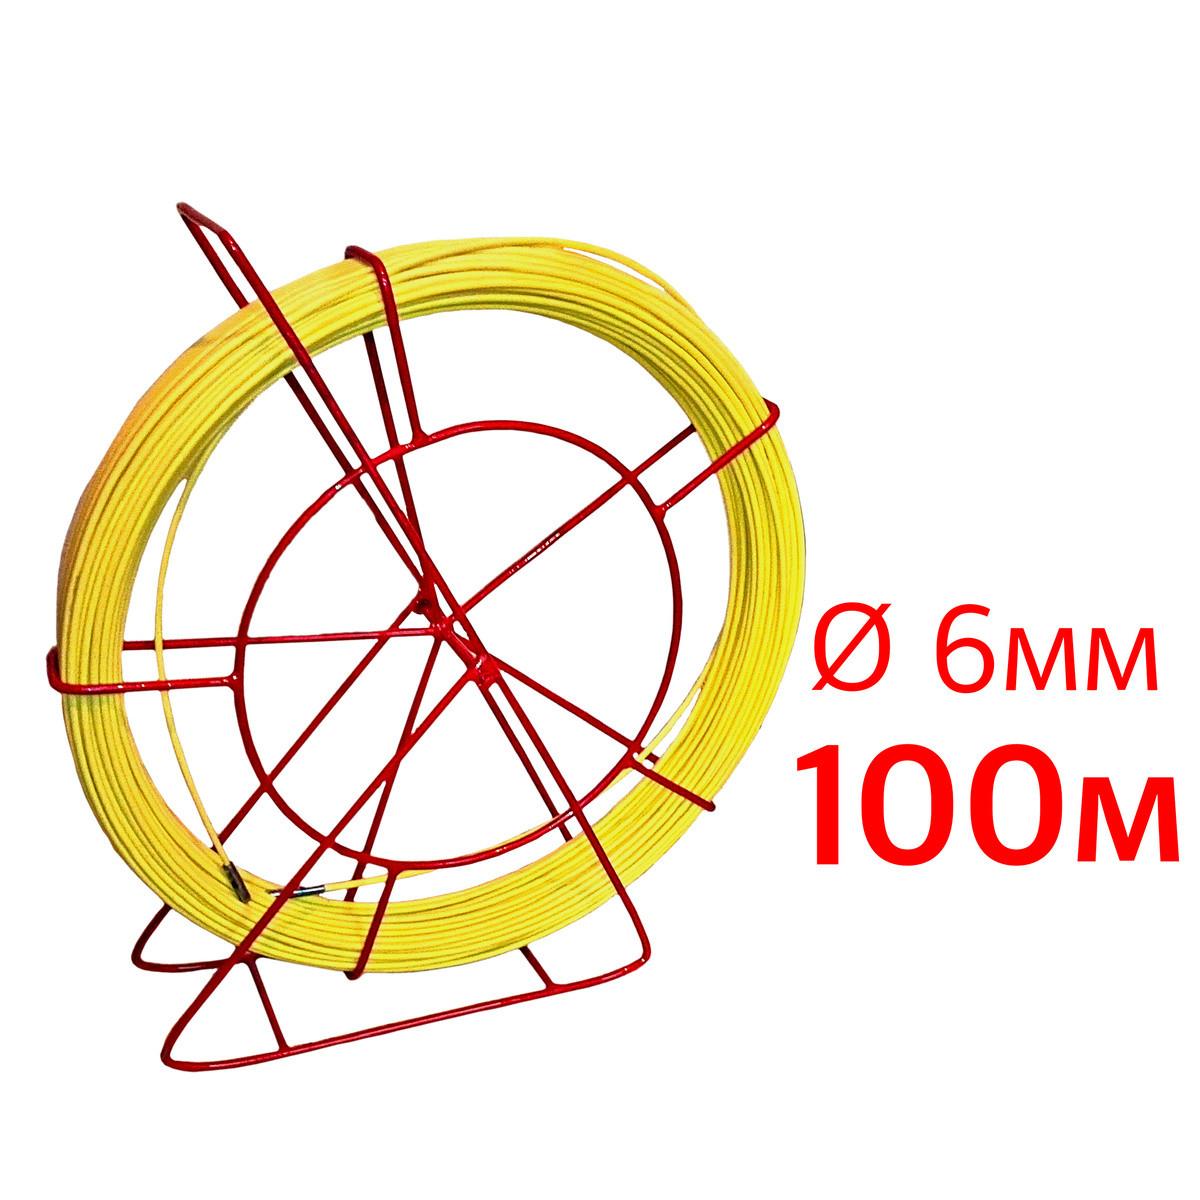 Кабельная протяжка, стеклопруток 6мм х 100м + 7 наконечников на тележке, узк протяжка для кабеля 100 метров,